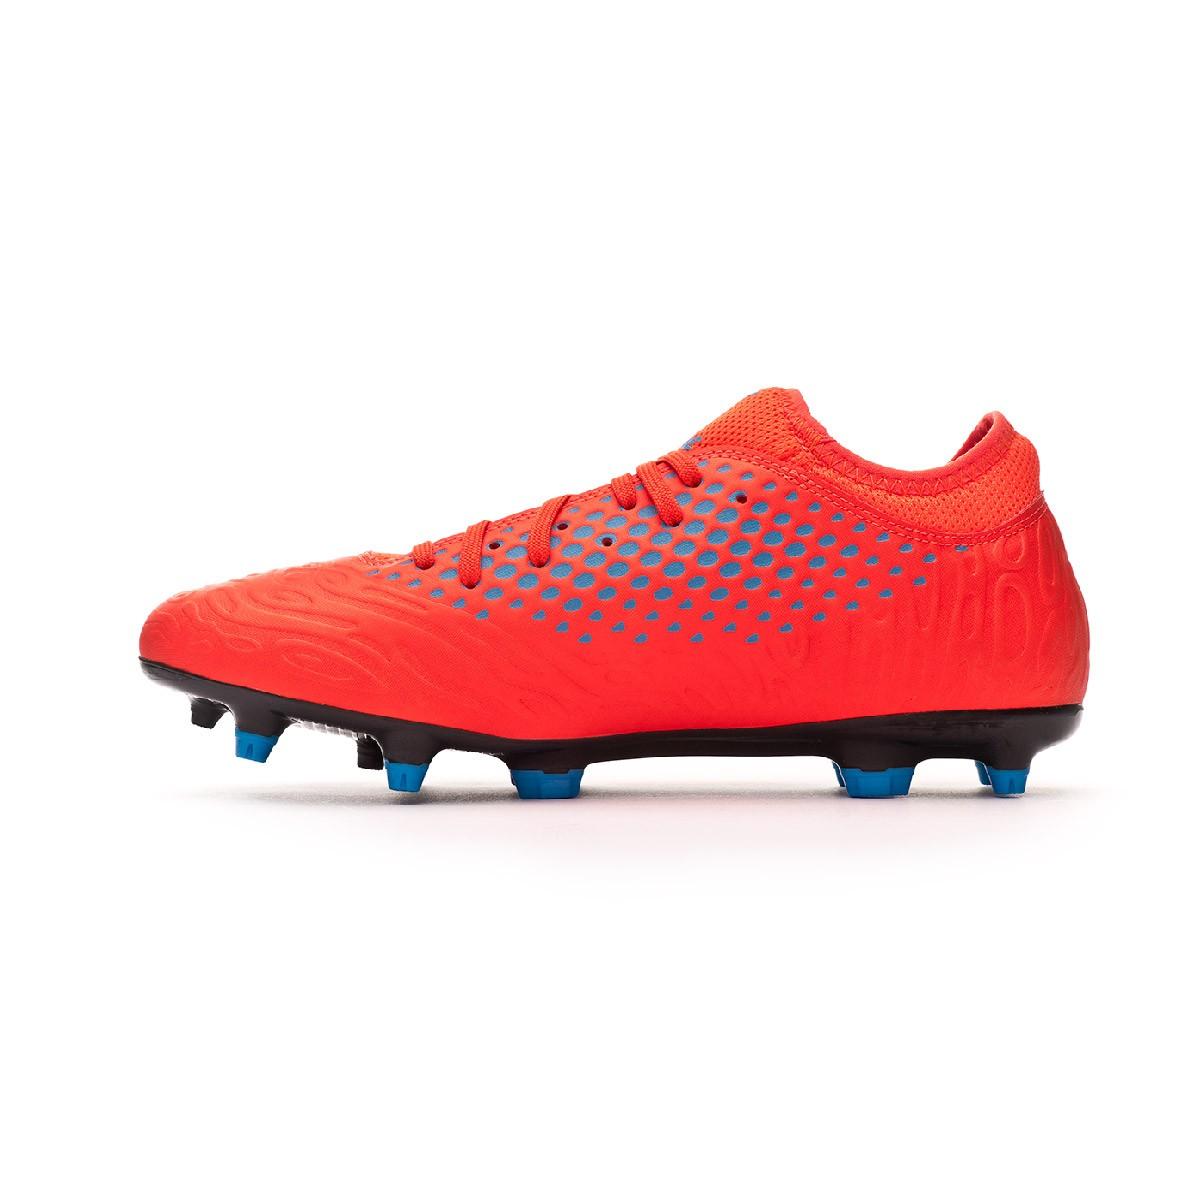 11f5e6c9119 Chuteira Puma Future 19.4 FG AG Red blast-Bleu azur - Loja de futebol  Fútbol Emotion